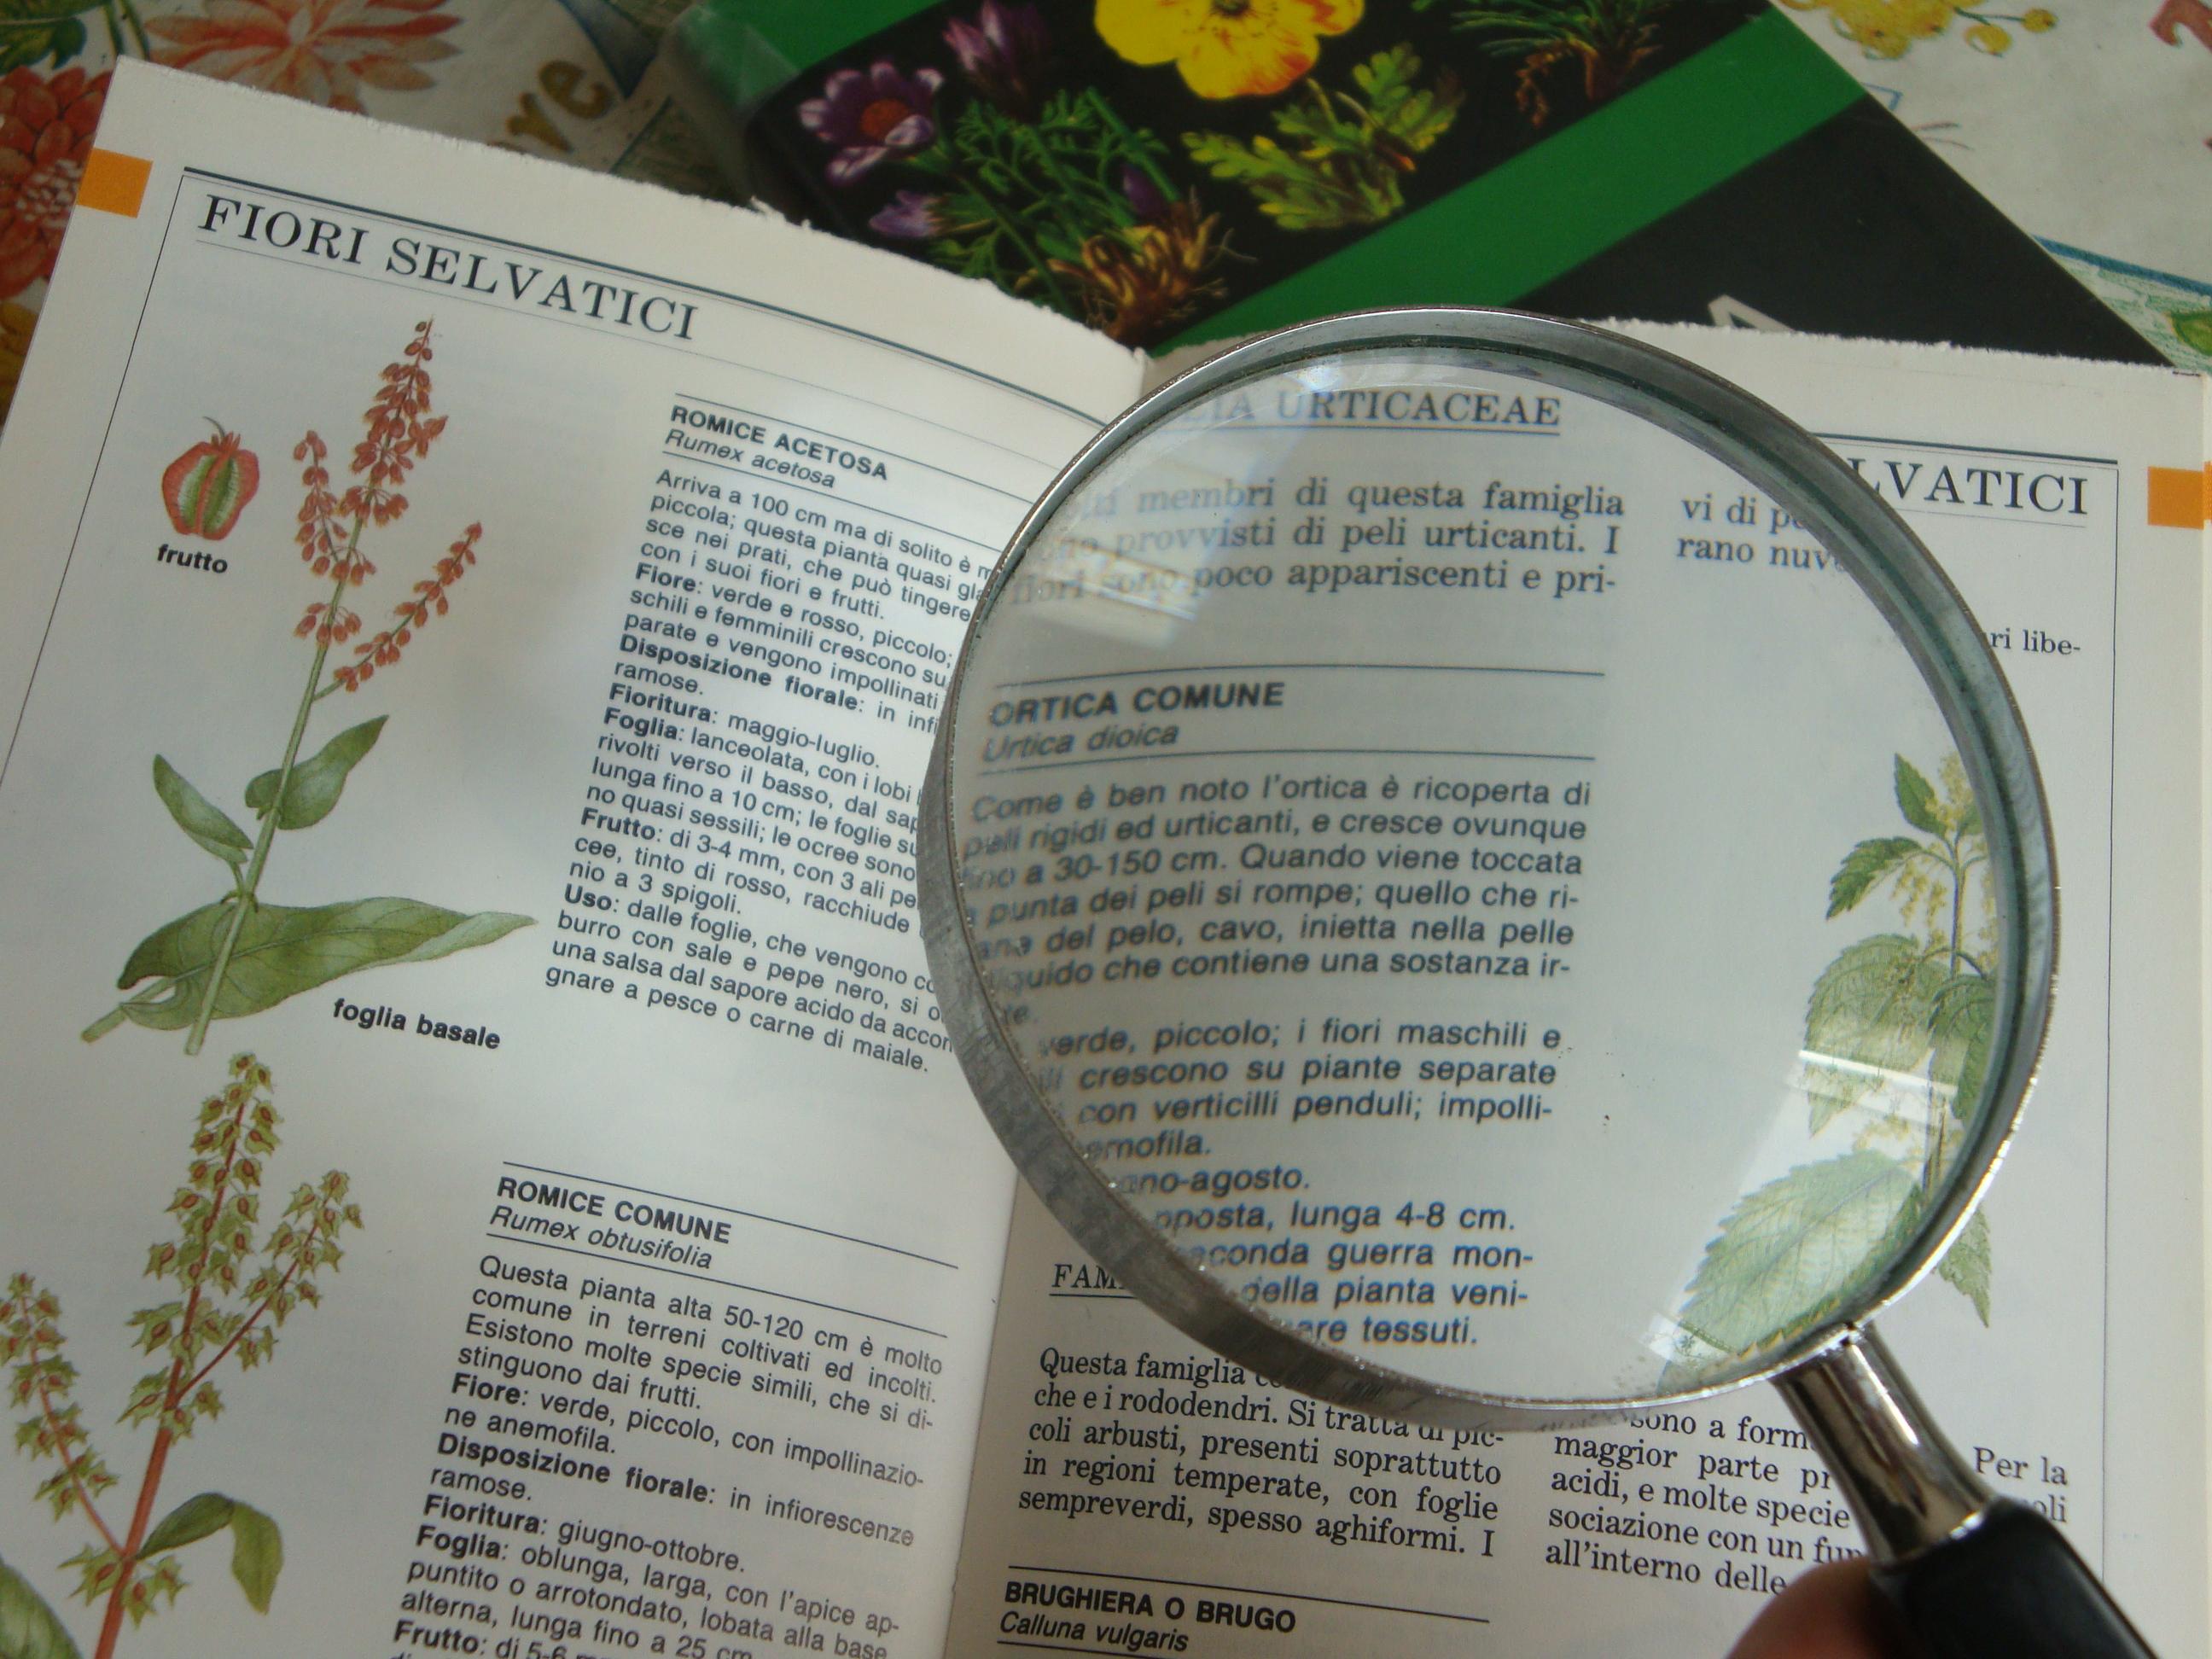 Impara tutti i termini usati in agricoltura e negli orti